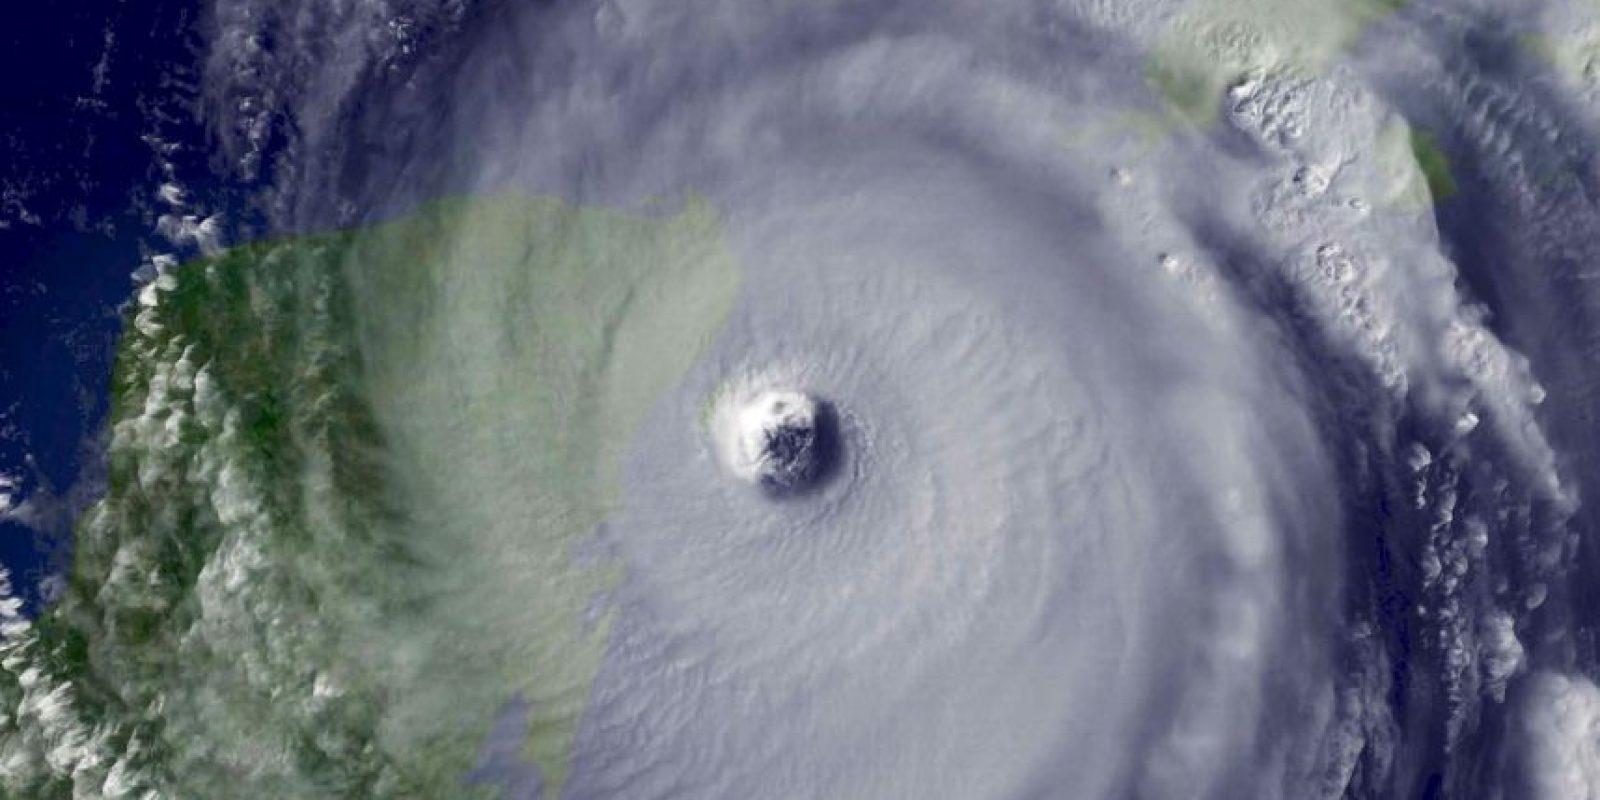 Huracán Wilma. En 2005 el fenómeno alcanzó el récord de intensidad: 295 Km/h y con una presión de 882hPa, matando a 63 personas y dejando daños económicos cercanos a los 30 mil millones de dólares. Foto:Vía Getty Images